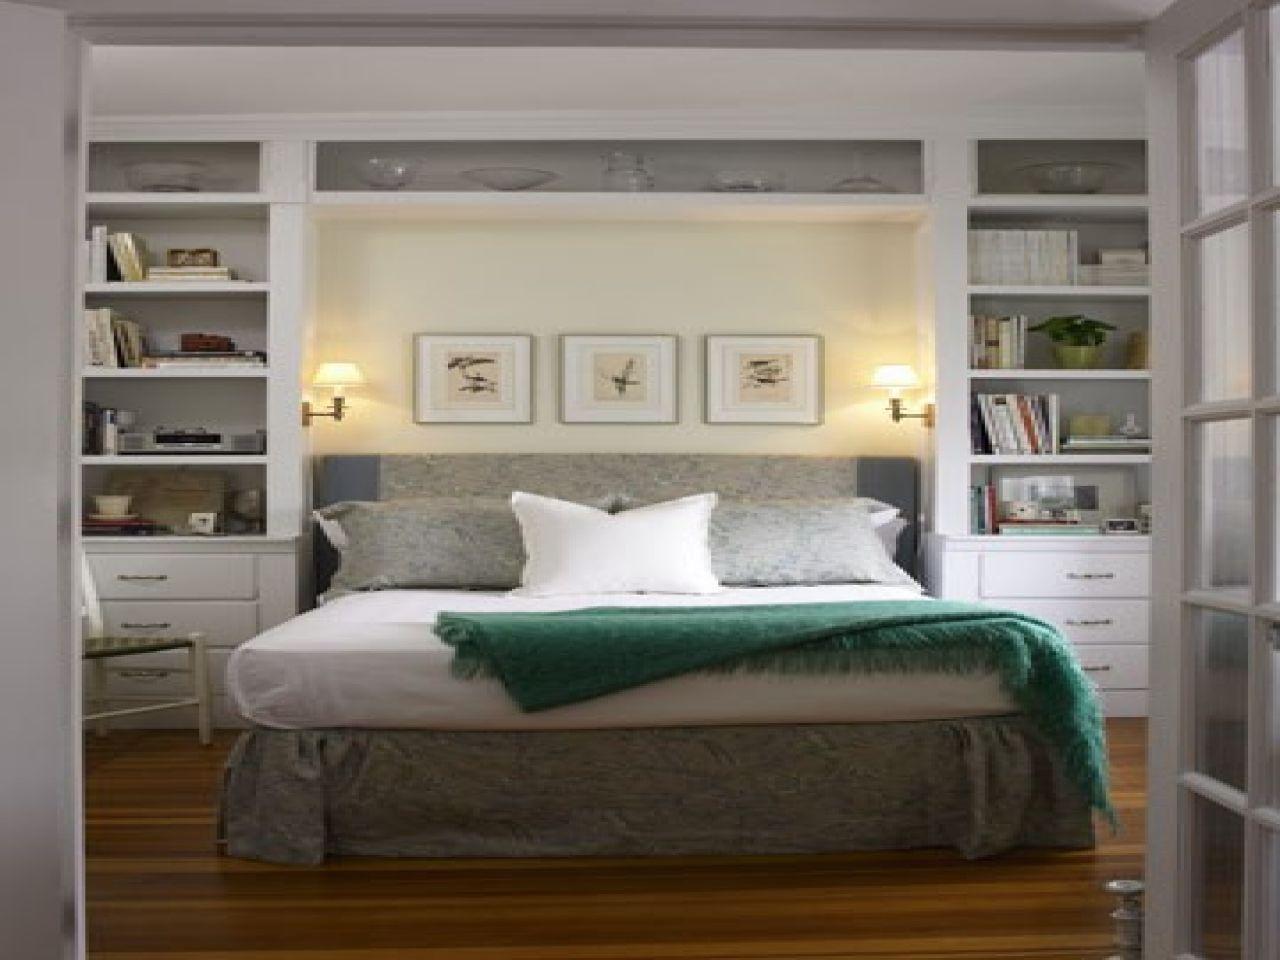 Bedroom Built In Bedroom Bookshelf Built In Shelves Around Bed